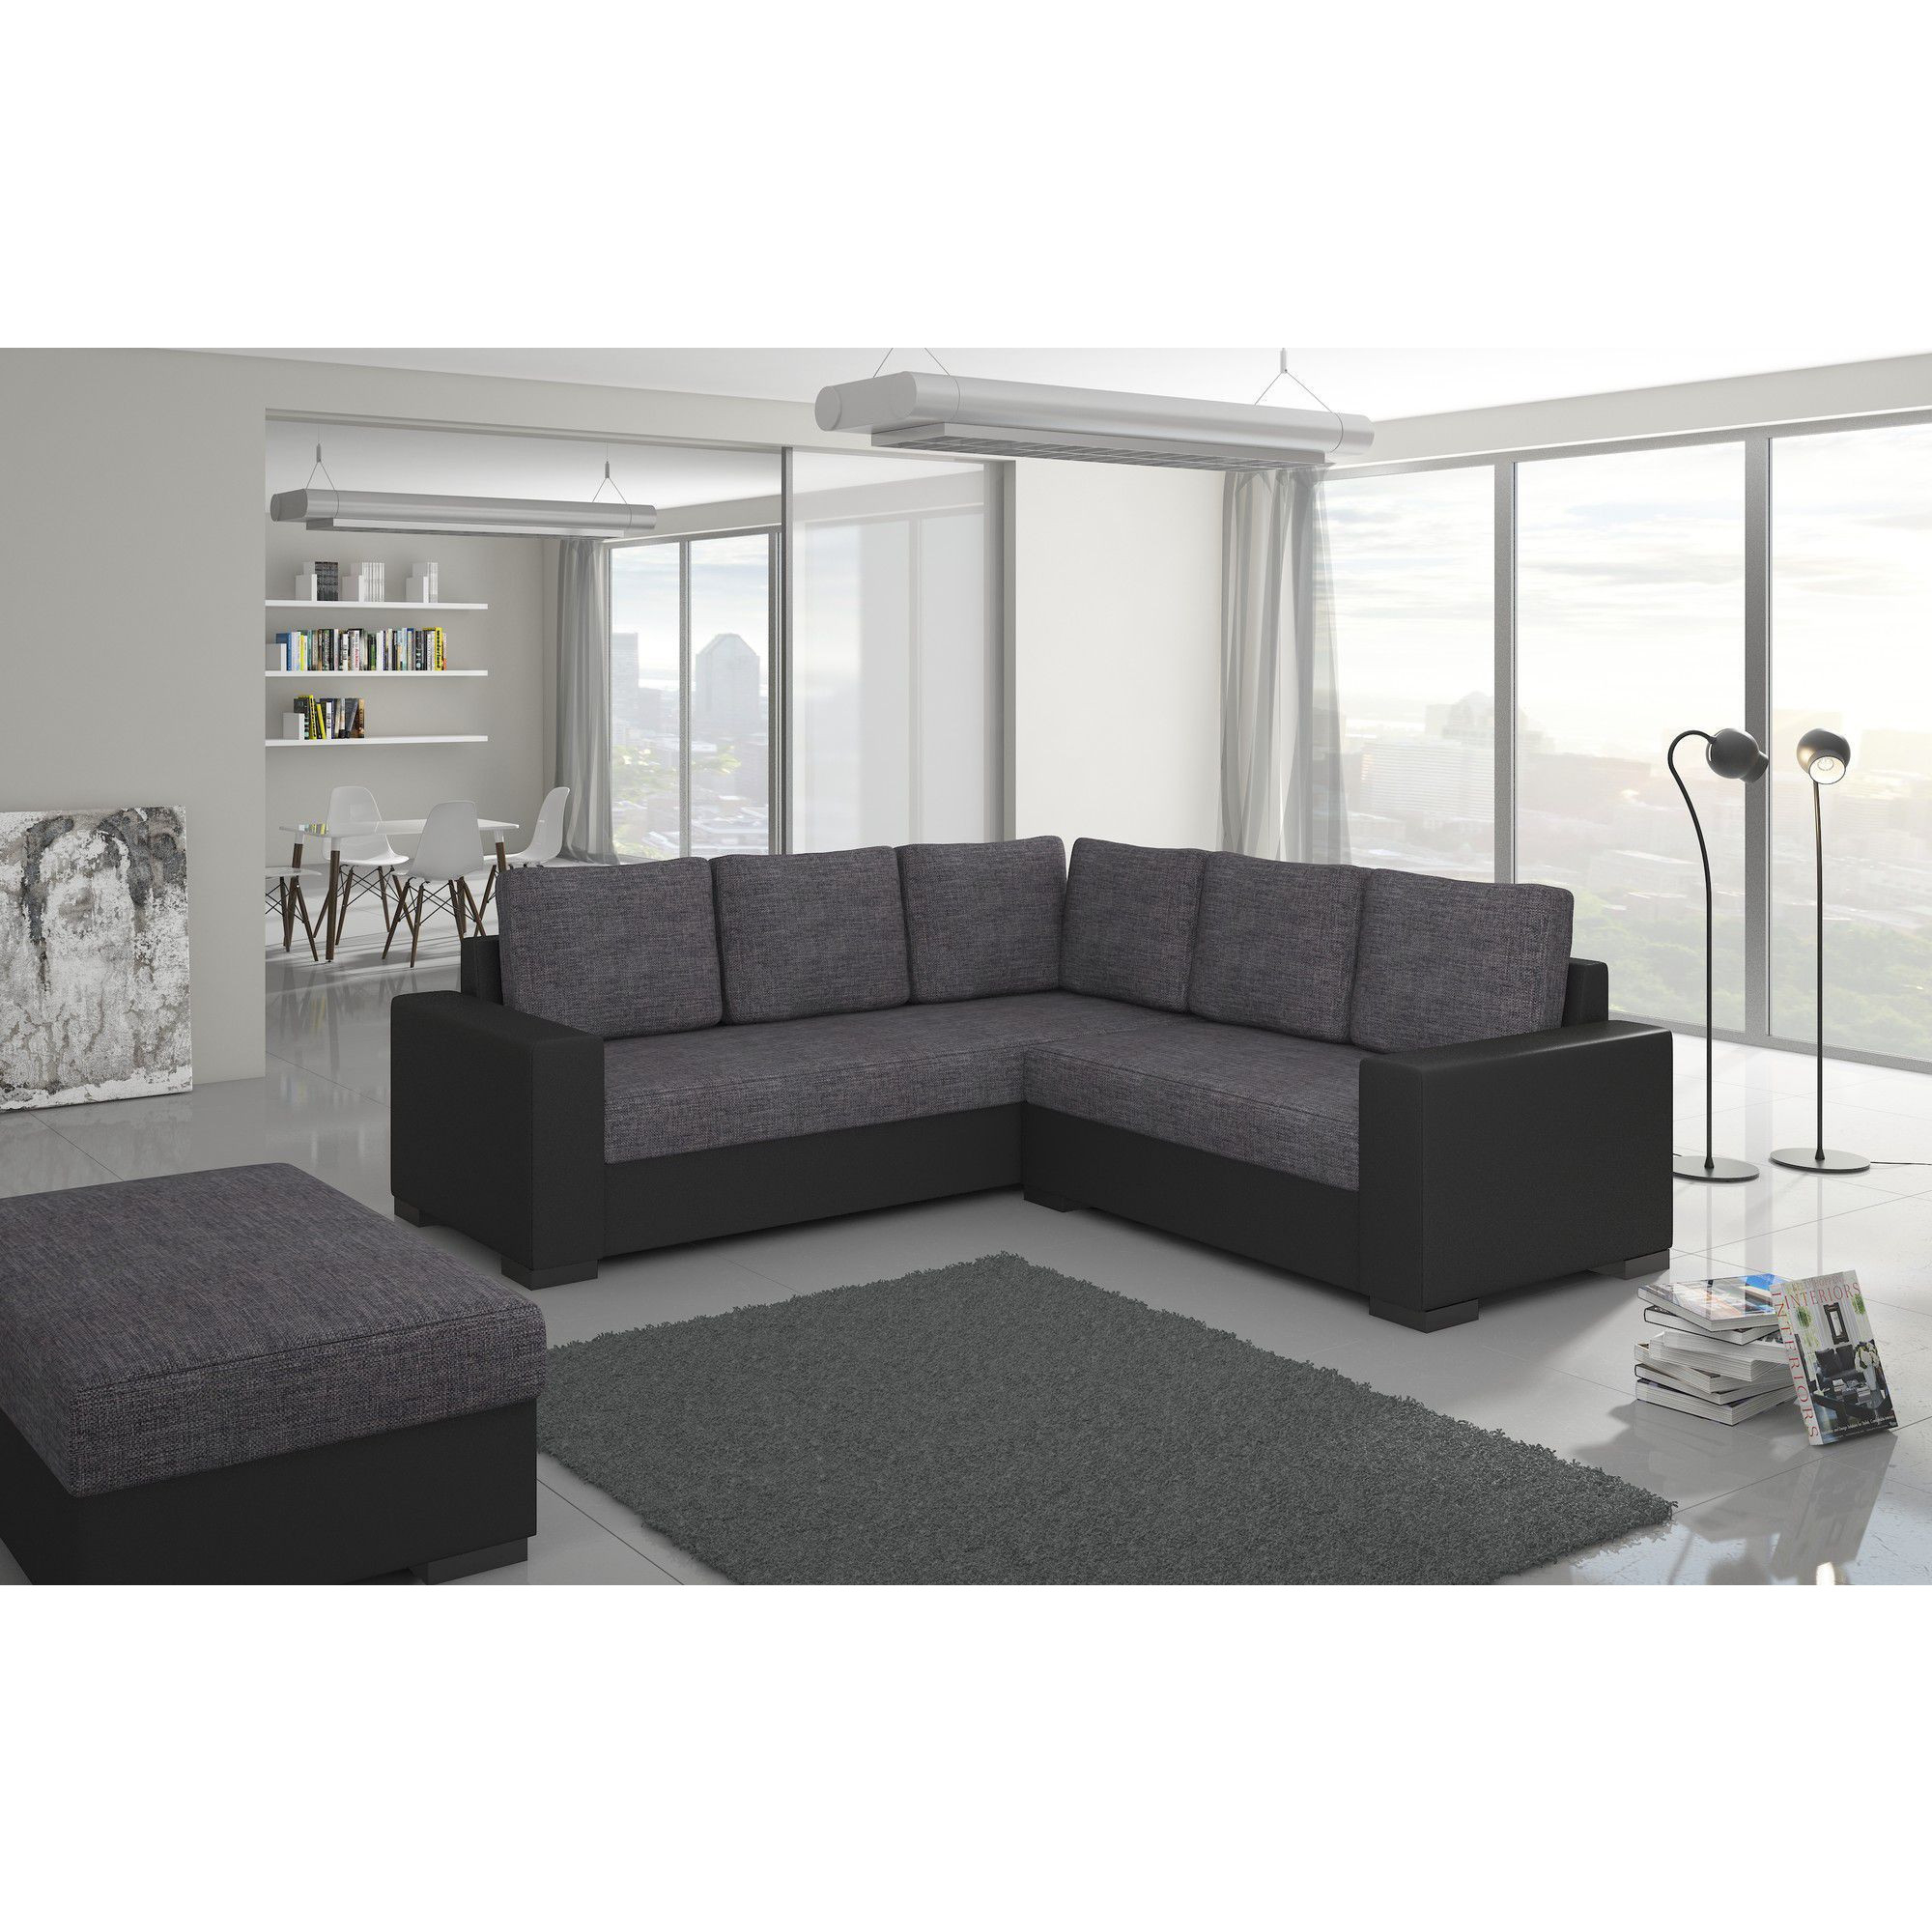 Canapé d angle convertible 4 places en tissu gris et pvc